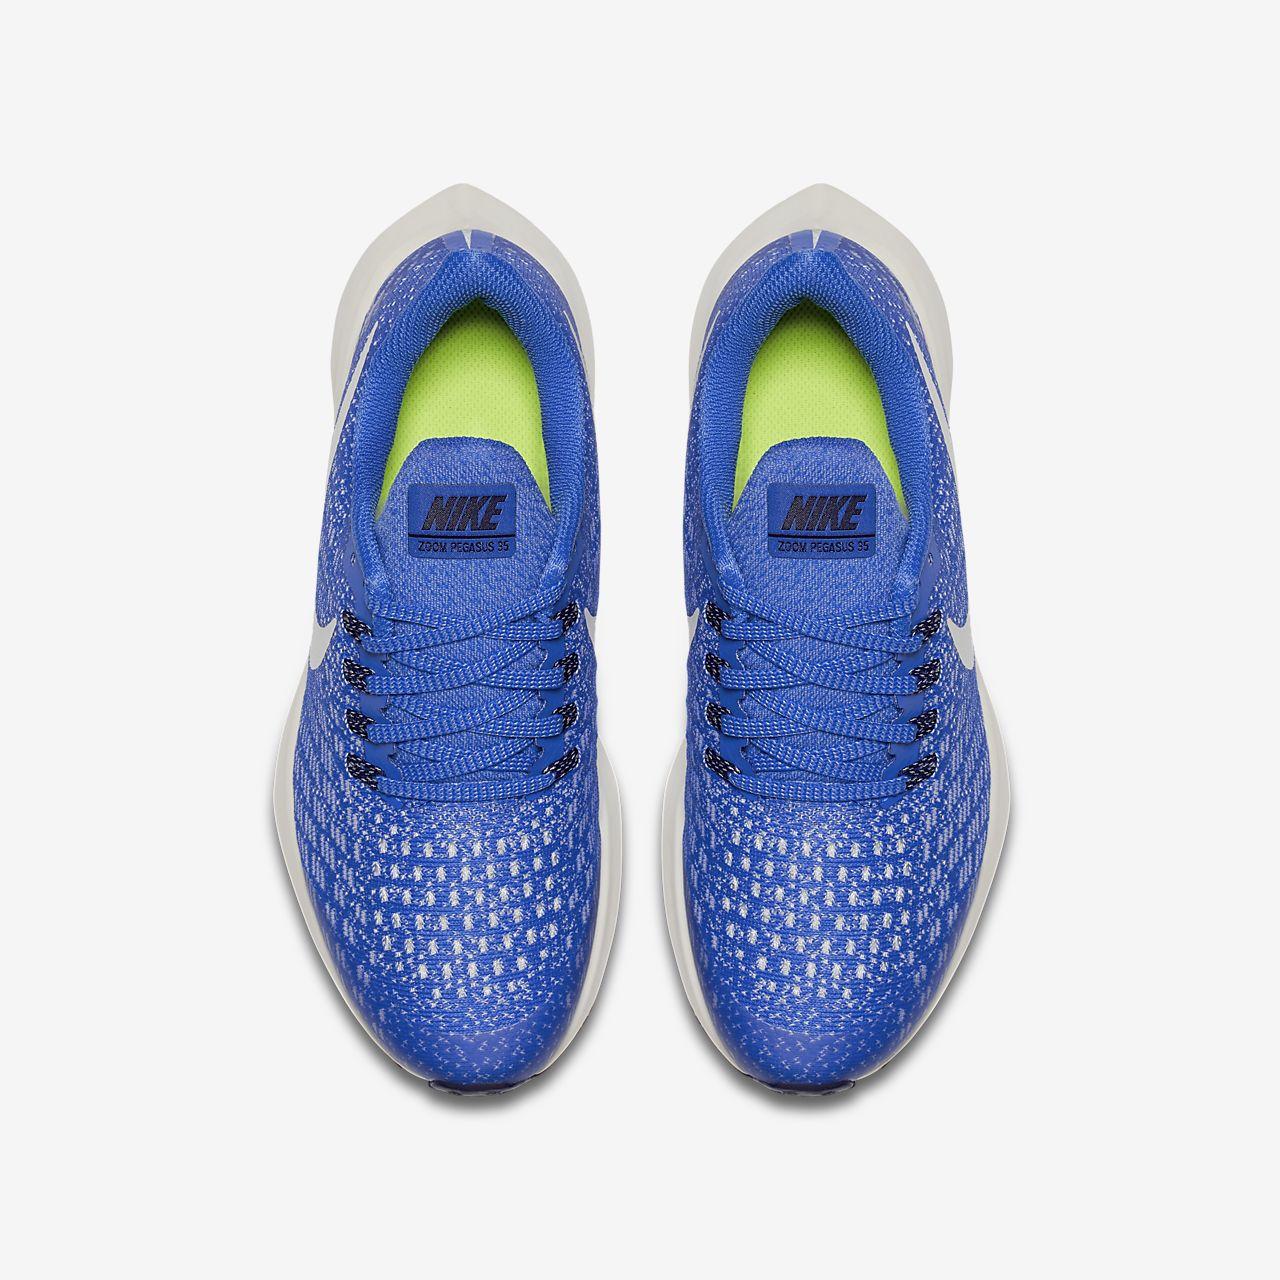 buy online c075f b19b7 ... Nike Air Zoom Pegasus 35 Younger Older Kids  Running Shoe